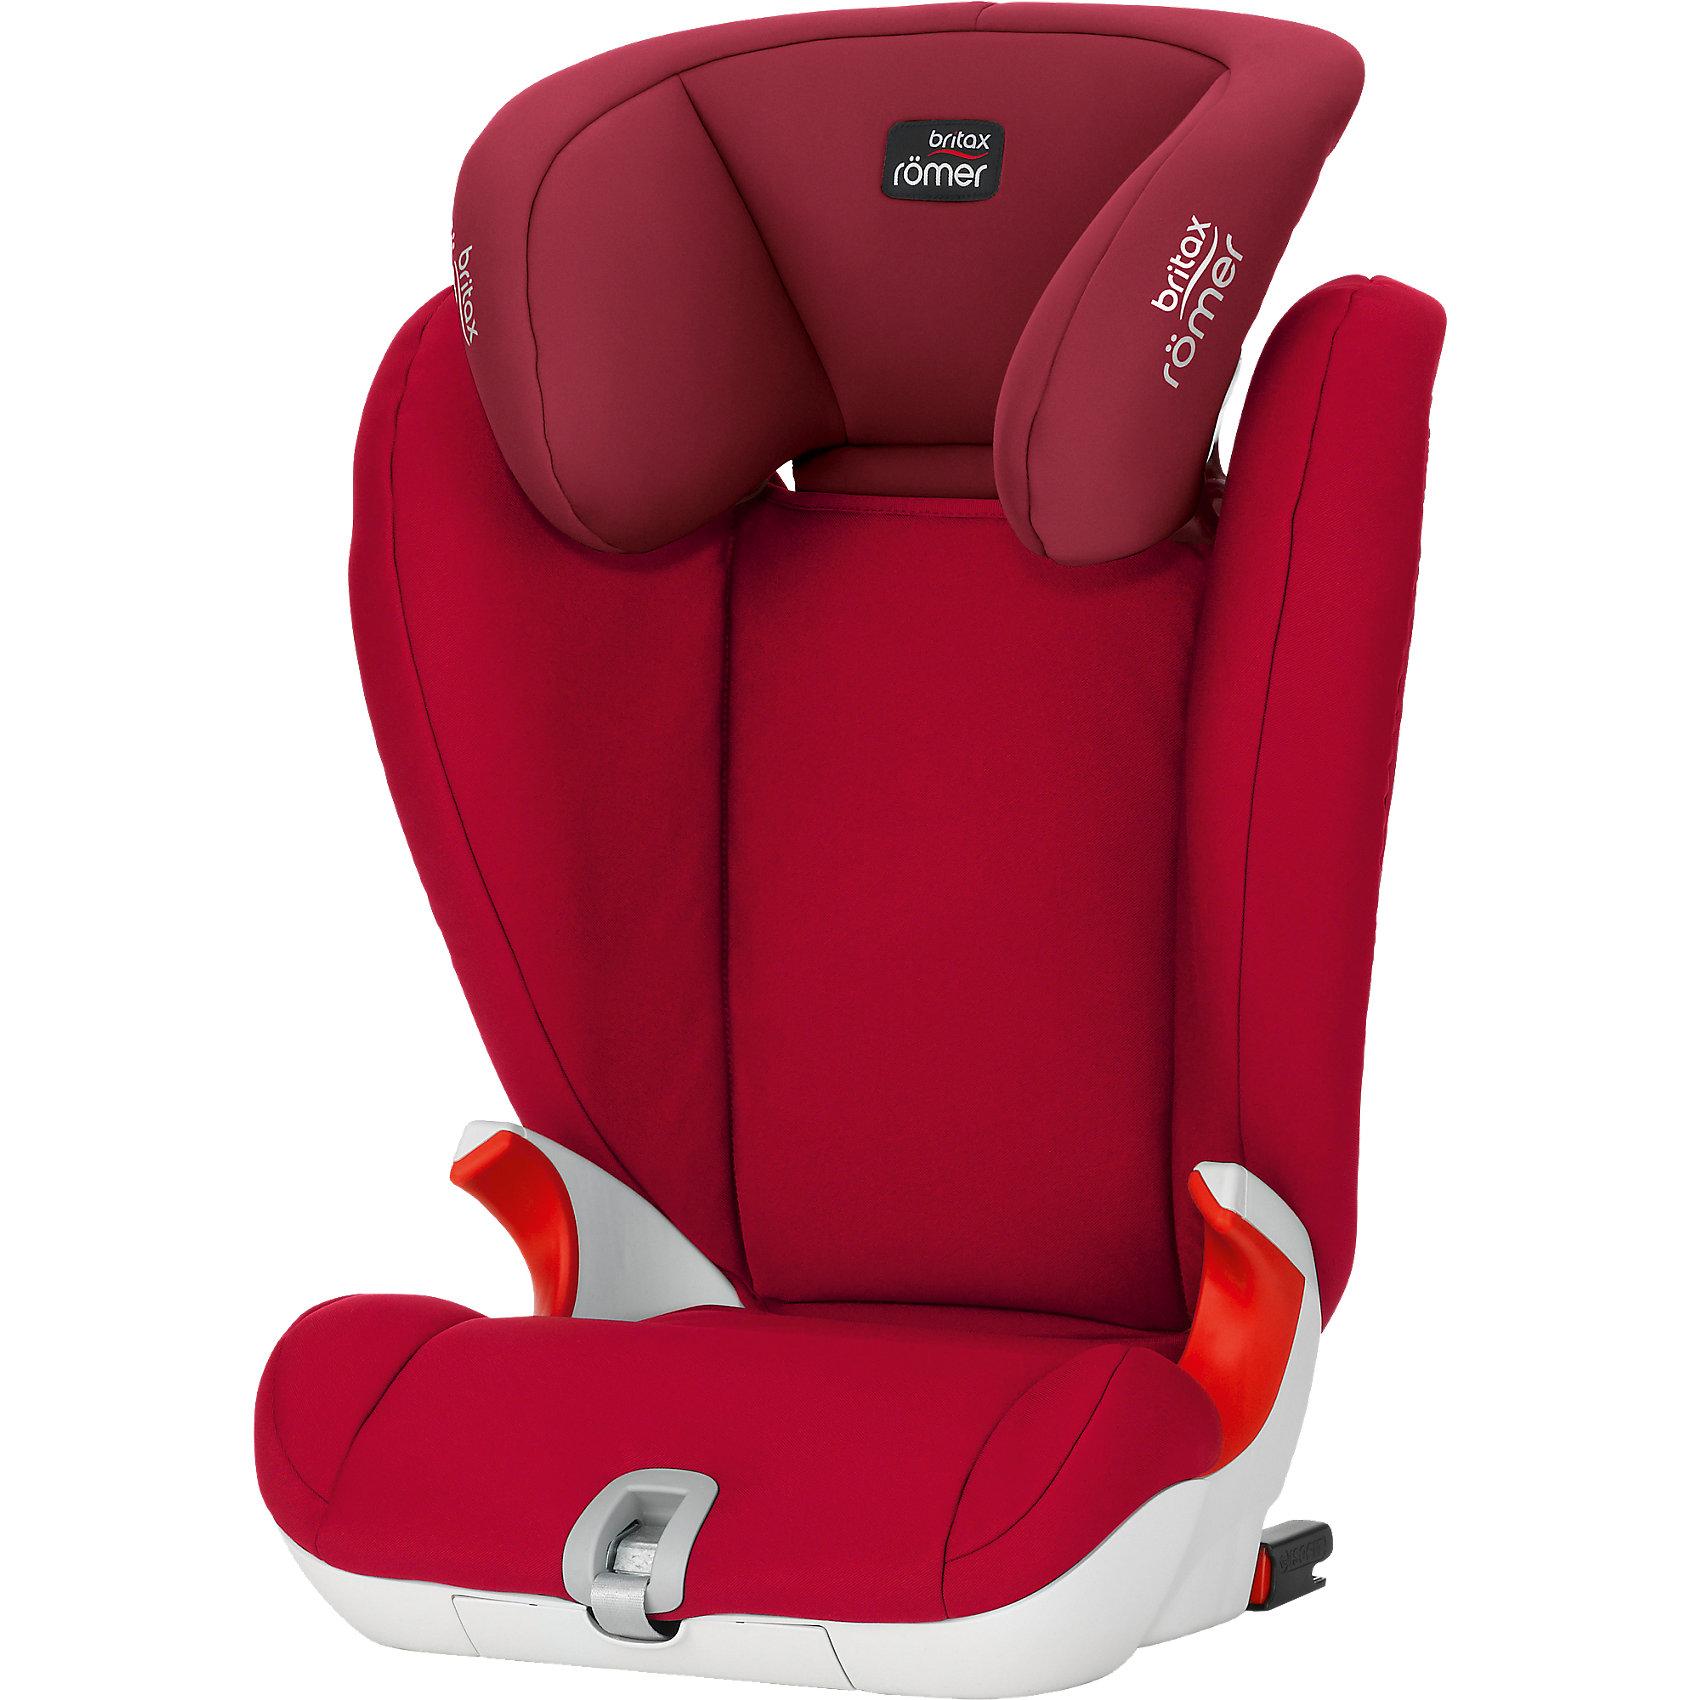 Автокресло Britax Romer KIDFIX SL 15-36 кг, Flame RedГруппа 2-3 (От 15 до 36 кг)<br>Автокресло KIDFIX SL 15-36 кг., Britax R?mer, Flame Red.<br><br>Характеристики:<br><br>- Группа 2-3 для детей от 4 до 12, весом от 15 до 36 кг.<br>- Цвет: красный<br>- Размер автокресла: 66-85х49х45 см.<br>- Вес: 6,4 кг.<br><br>Детское автокресло Romer Kidfix SL отличается максимальным удобством, функциональностью и практичностью. Благодаря углубленной чаше сидения и оптимально выдвинутым вперед высоким и мягким боковинам подголовника, полностью охватывающим плечевой отдел, оно обеспечивает максимальную защиту маленького пассажира в случае столкновения или крутого маневра. Автокресло имеет удобную V-образную спинку, плавно подгоняющуюся под наклон сиденья автомобиля. Автокресло «растет» вместе с вашим малышом. Глубокий удобный подголовник регулируется в 11-ти положениях. Автокресло устанавливается лицом по направлению движения автомобиля и крепится с помощью запатентованной системы Isofit на ремнях Soft Latch. Soft Latch (SL) — это гибкие ремни вместо традиционных жестких скоб. Такая система обеспечивает прямое соединение с точками Isofix автомобиля и позволяет самостоятельно подобрать жесткость крепления. Ребенок в кресле пристегивается штатным ремнем автомобиля, для которого предусмотрены специальные направляющие, обеспечивающие правильное положение ремня безопасности. Допускается и упрощенное, традиционное крепление кресла штатным ремнем автомобиля вместе с ребенком. Необходимость этого может возникнуть при временной или вынужденной перестановке в автомобиль, не оборудованный скобами Isofix. Еще одним немаловажным преимуществом является мобильность конструкции. Автокресло Kidfix SL не только быстро и надежно устанавливается на сидении автомобиля, но и легко складывается для компактного хранения в багажнике автомобиля. Кресло выполнено из высококачественного экологически безопасного ABC-пластика, оснащено съемным чехлом из мягкой износостойкой ткани, обладающей отличной воздухопроп